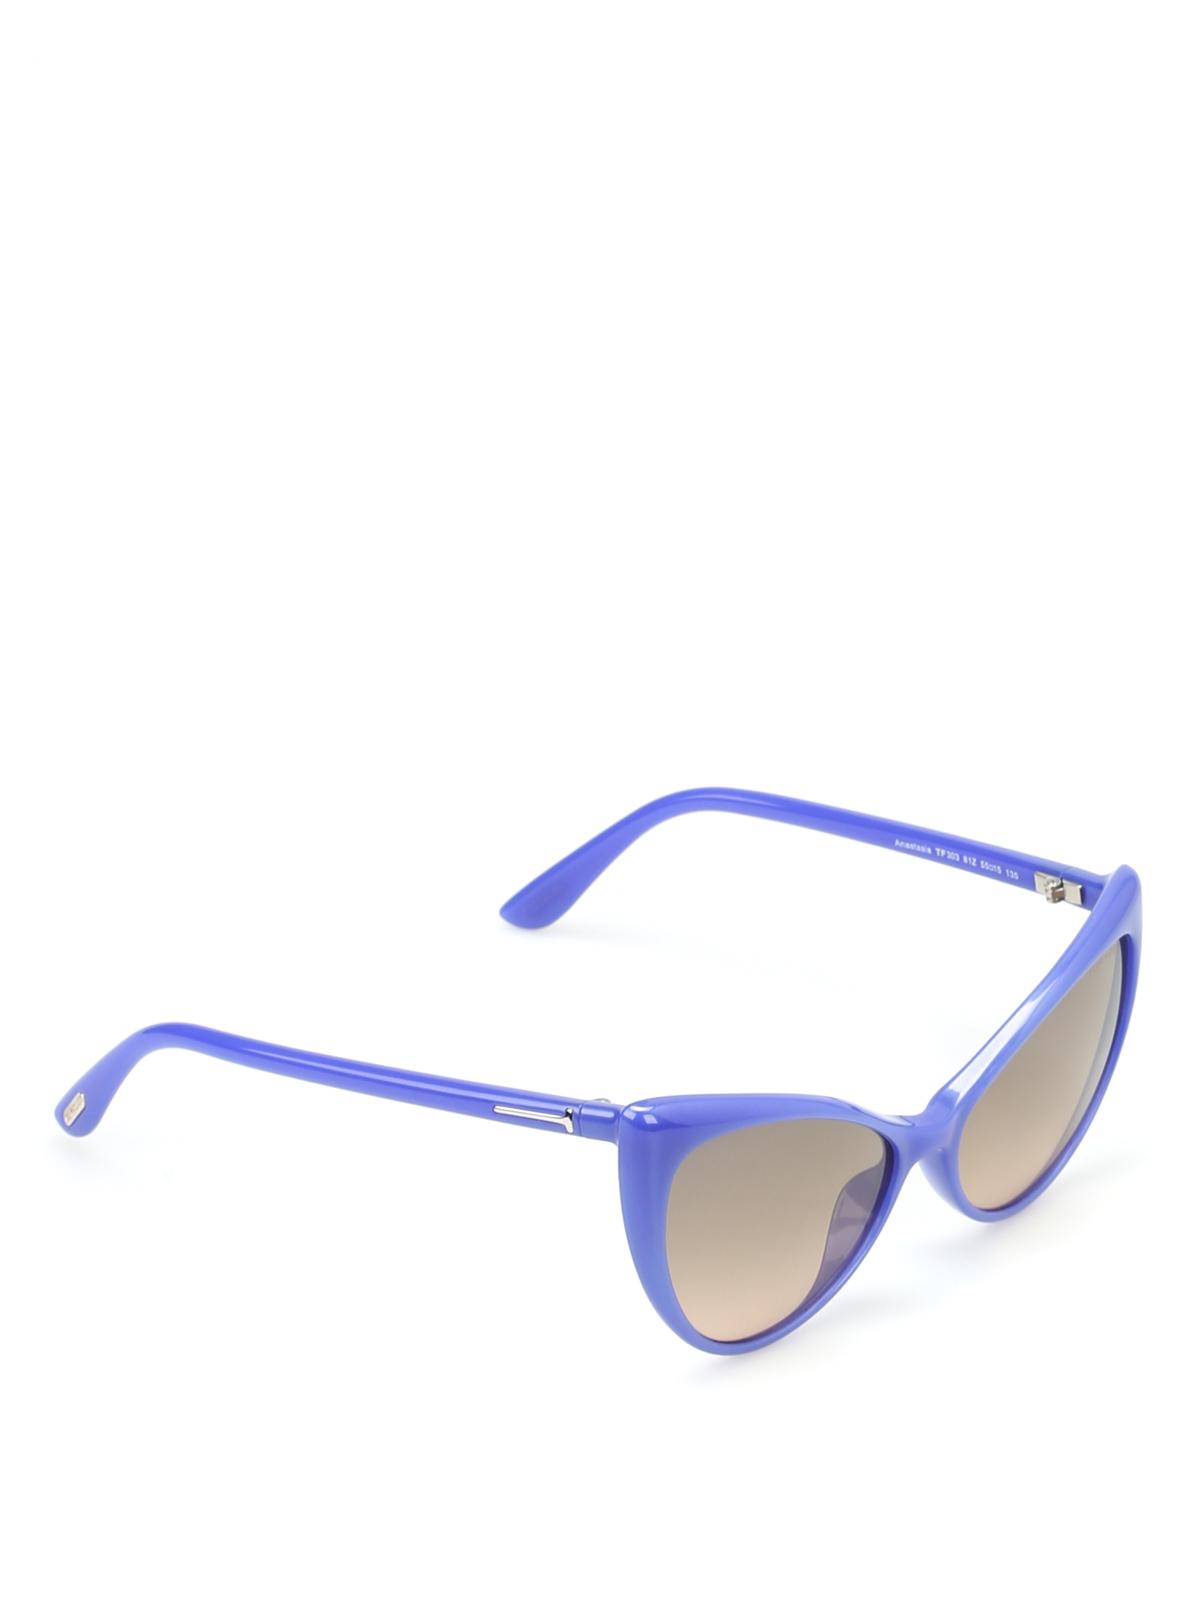 029ab2685e Tom Ford - Anastasia sunglasses - sunglasses - FTANASTASIA030381Z